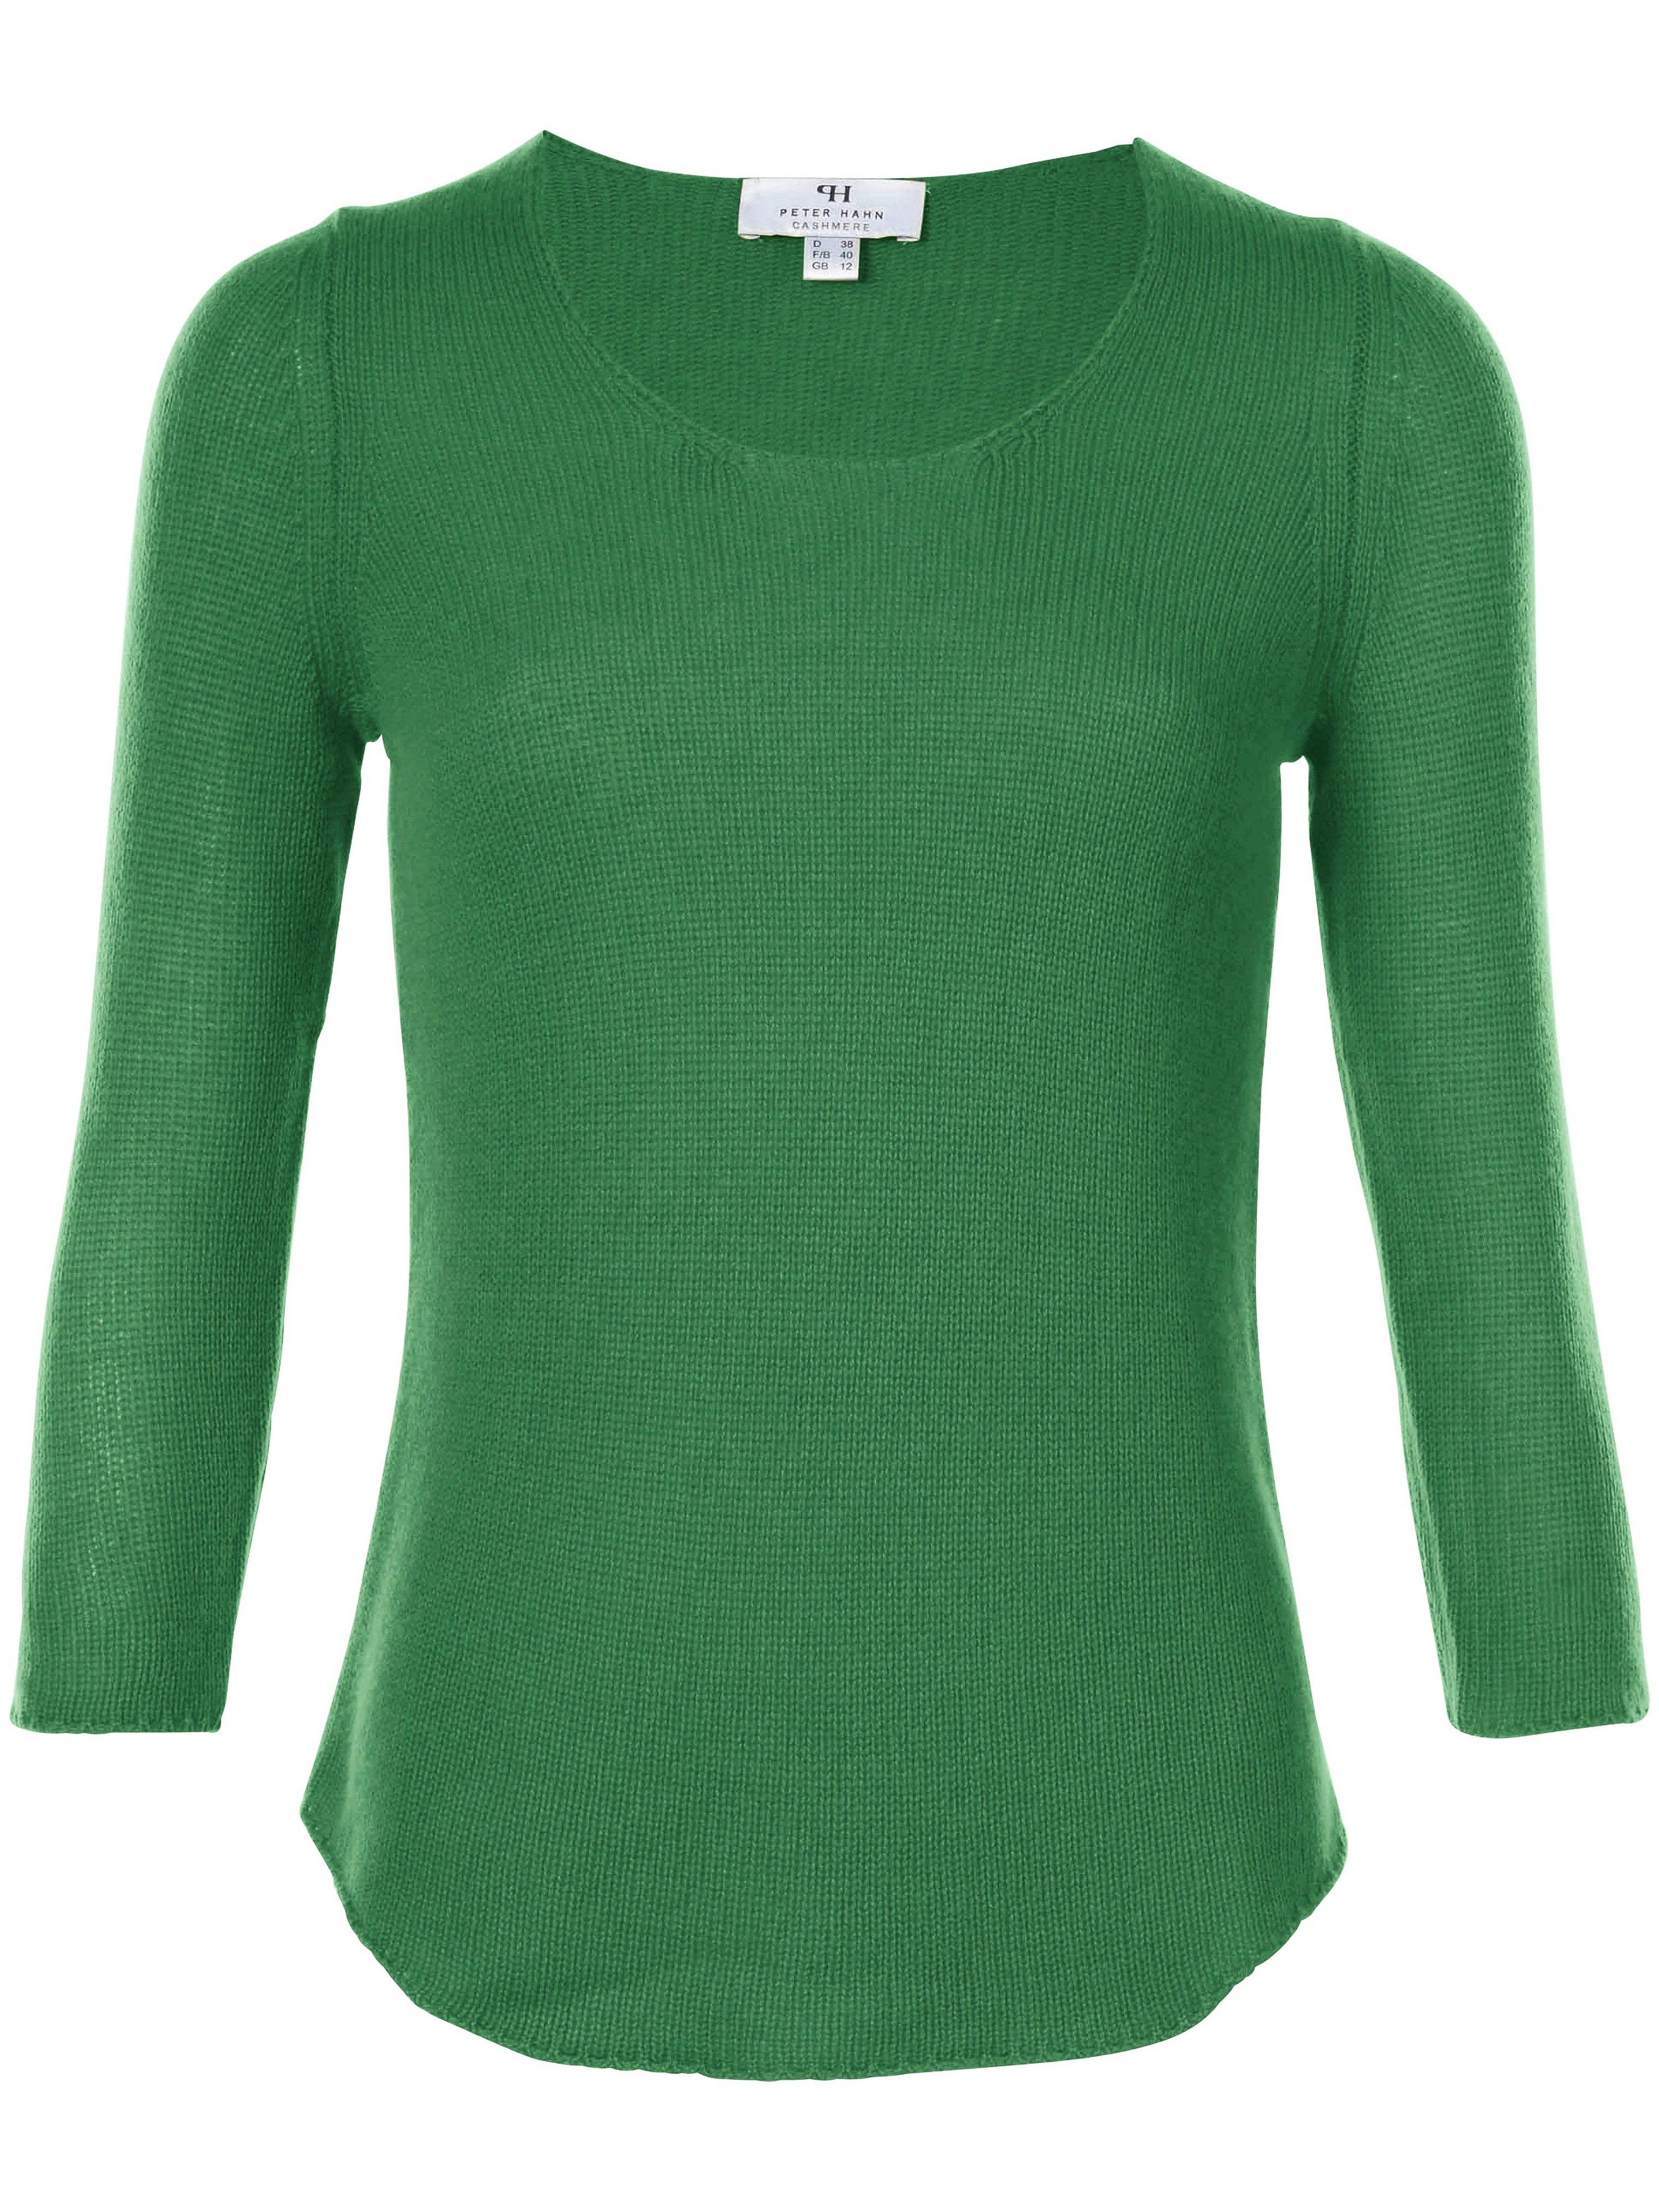 Jumper in 100% premium cashmere Peter Hahn Cashmere green